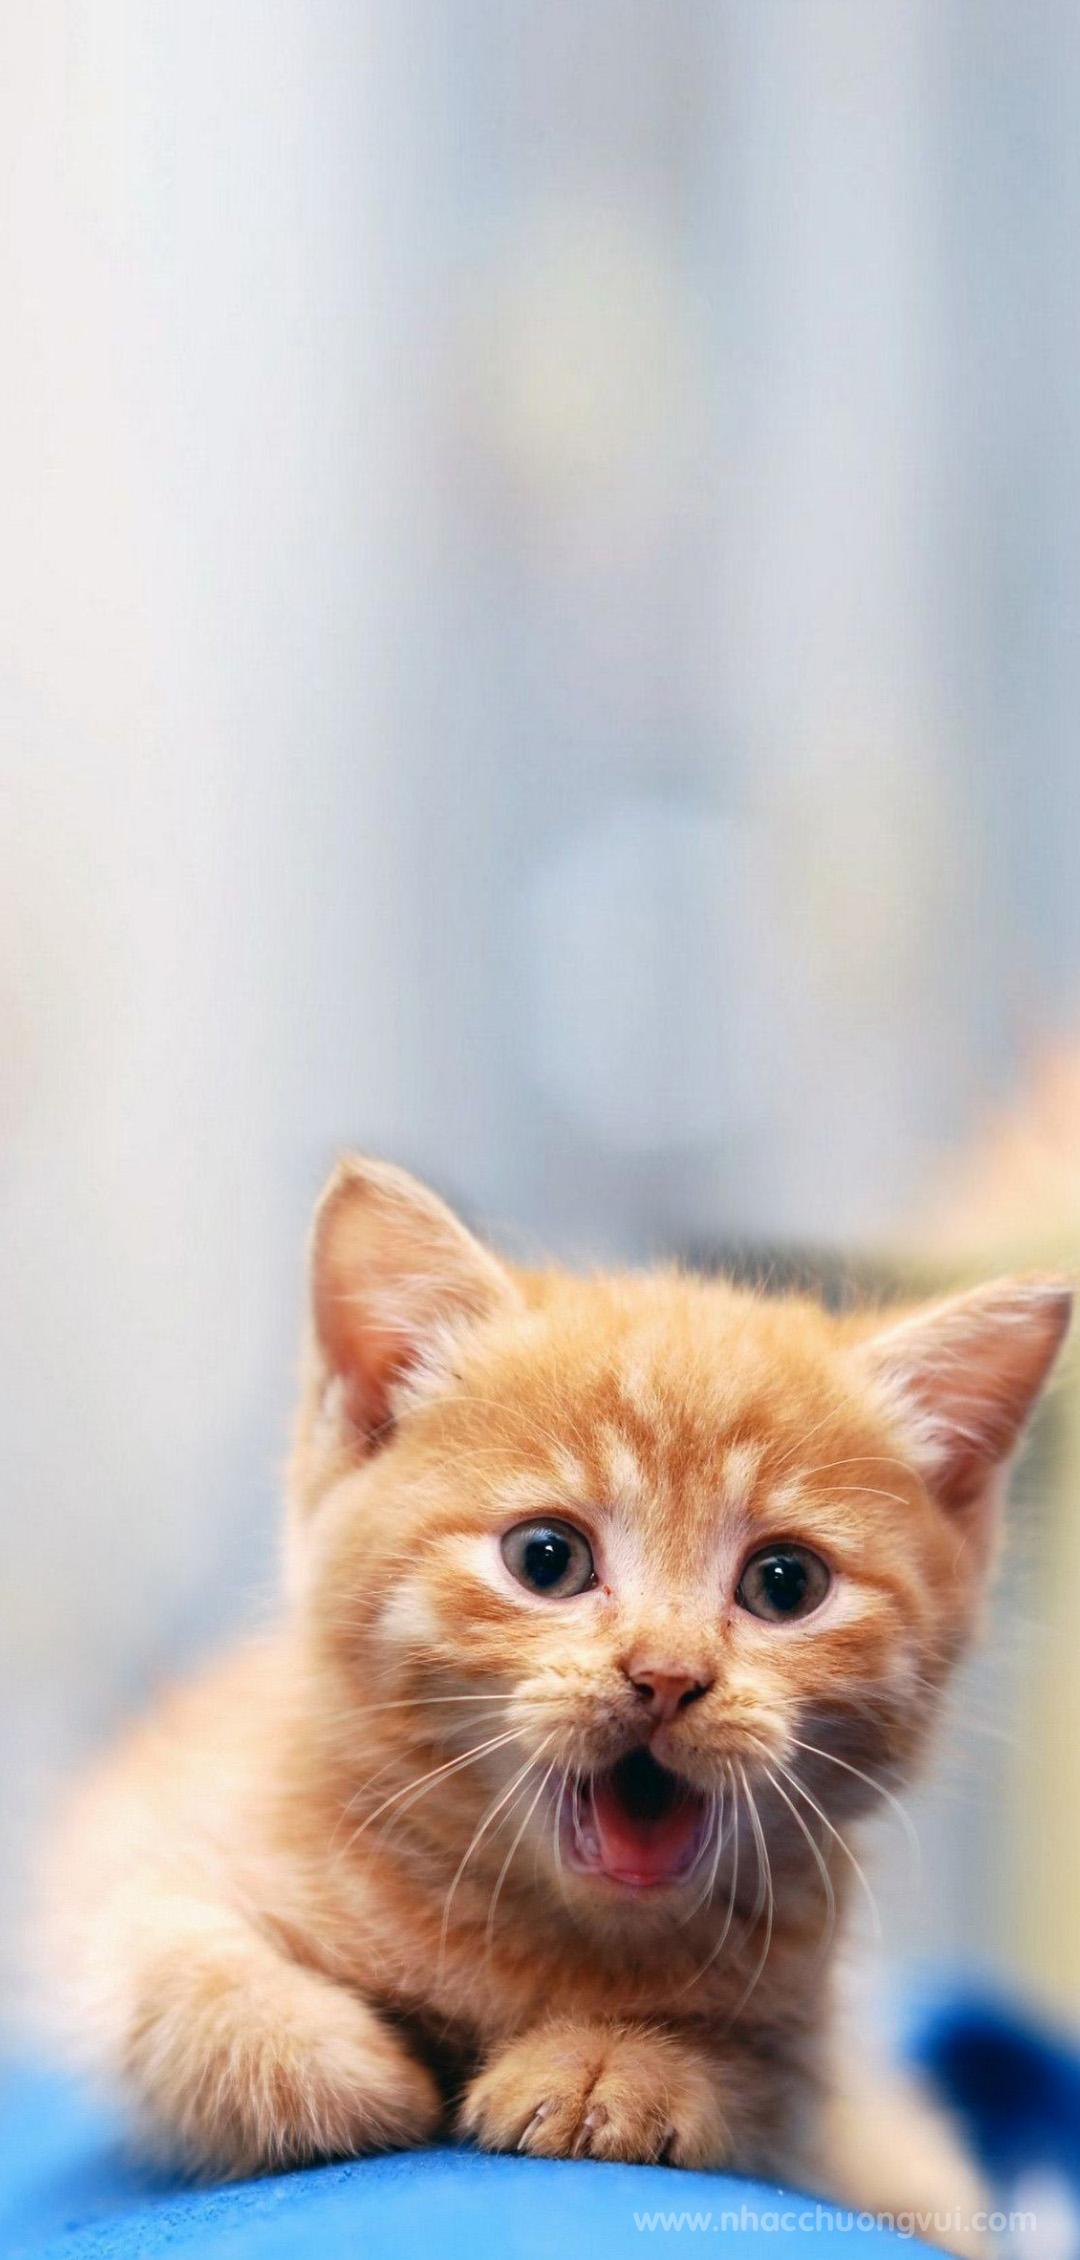 Hình ảnh nền mèo cho điện thoại dễ thương nhất 10